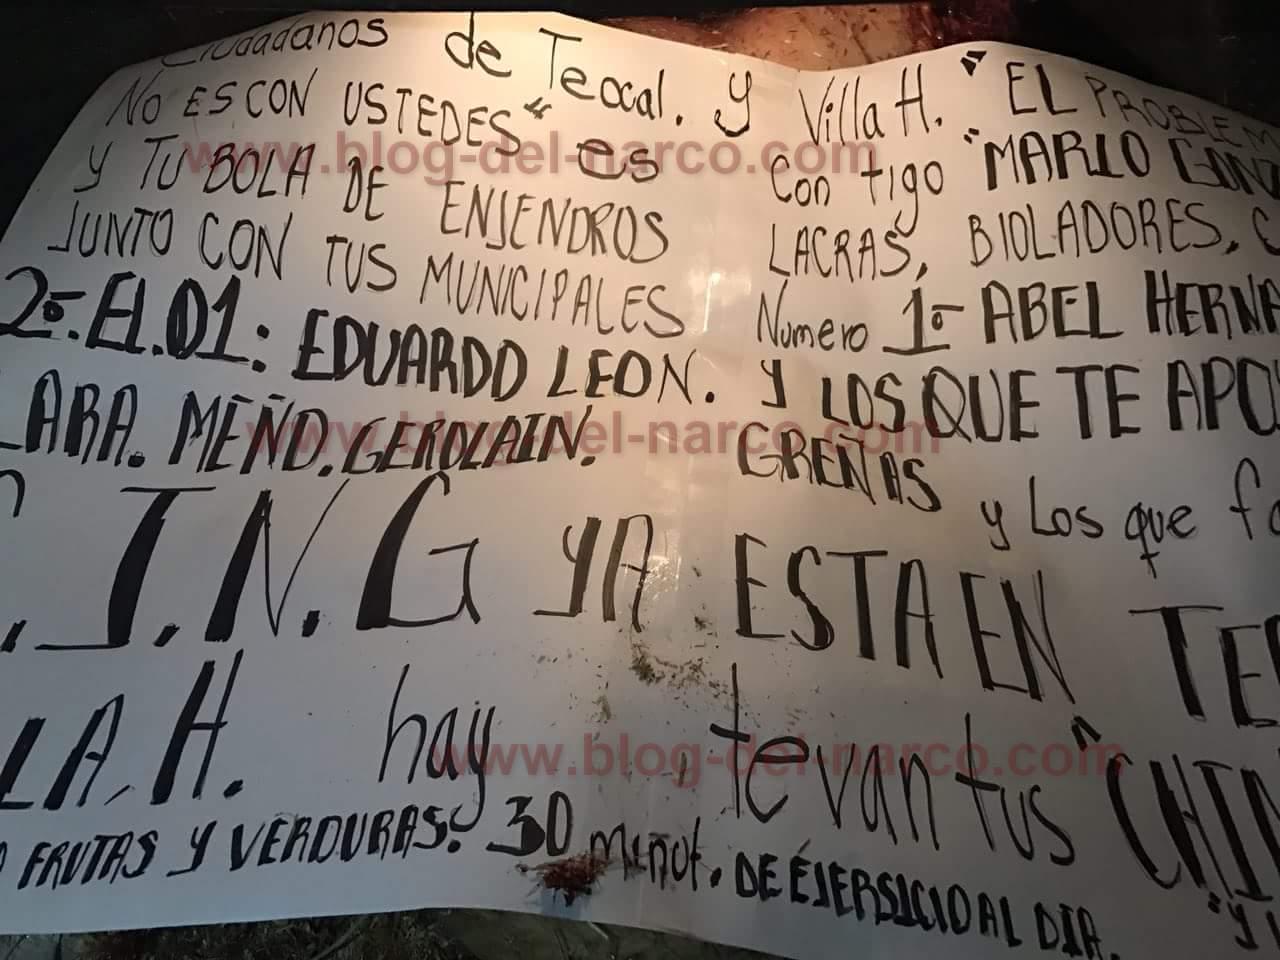 Fotografias; CJNG Descuartiza a 3 y los deja en cajuela de Taxi en Guadalajara